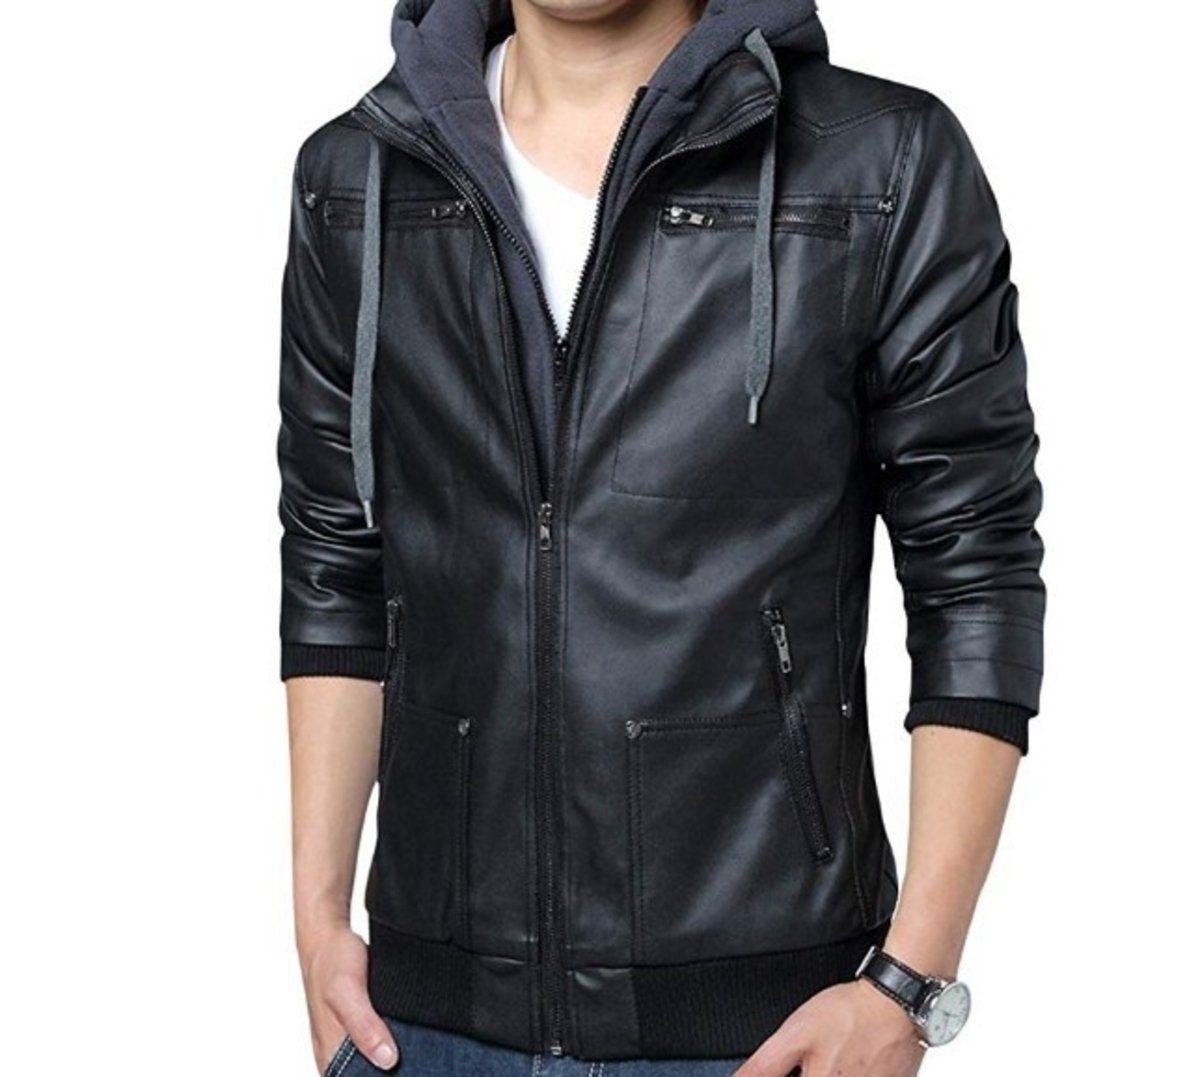 Mens Hooded Faux Leather Biker Jacket In 2021 Faux Leather Jacket Men Leather Jacket With Hood Hooded Jacket Men [ 1077 x 1200 Pixel ]